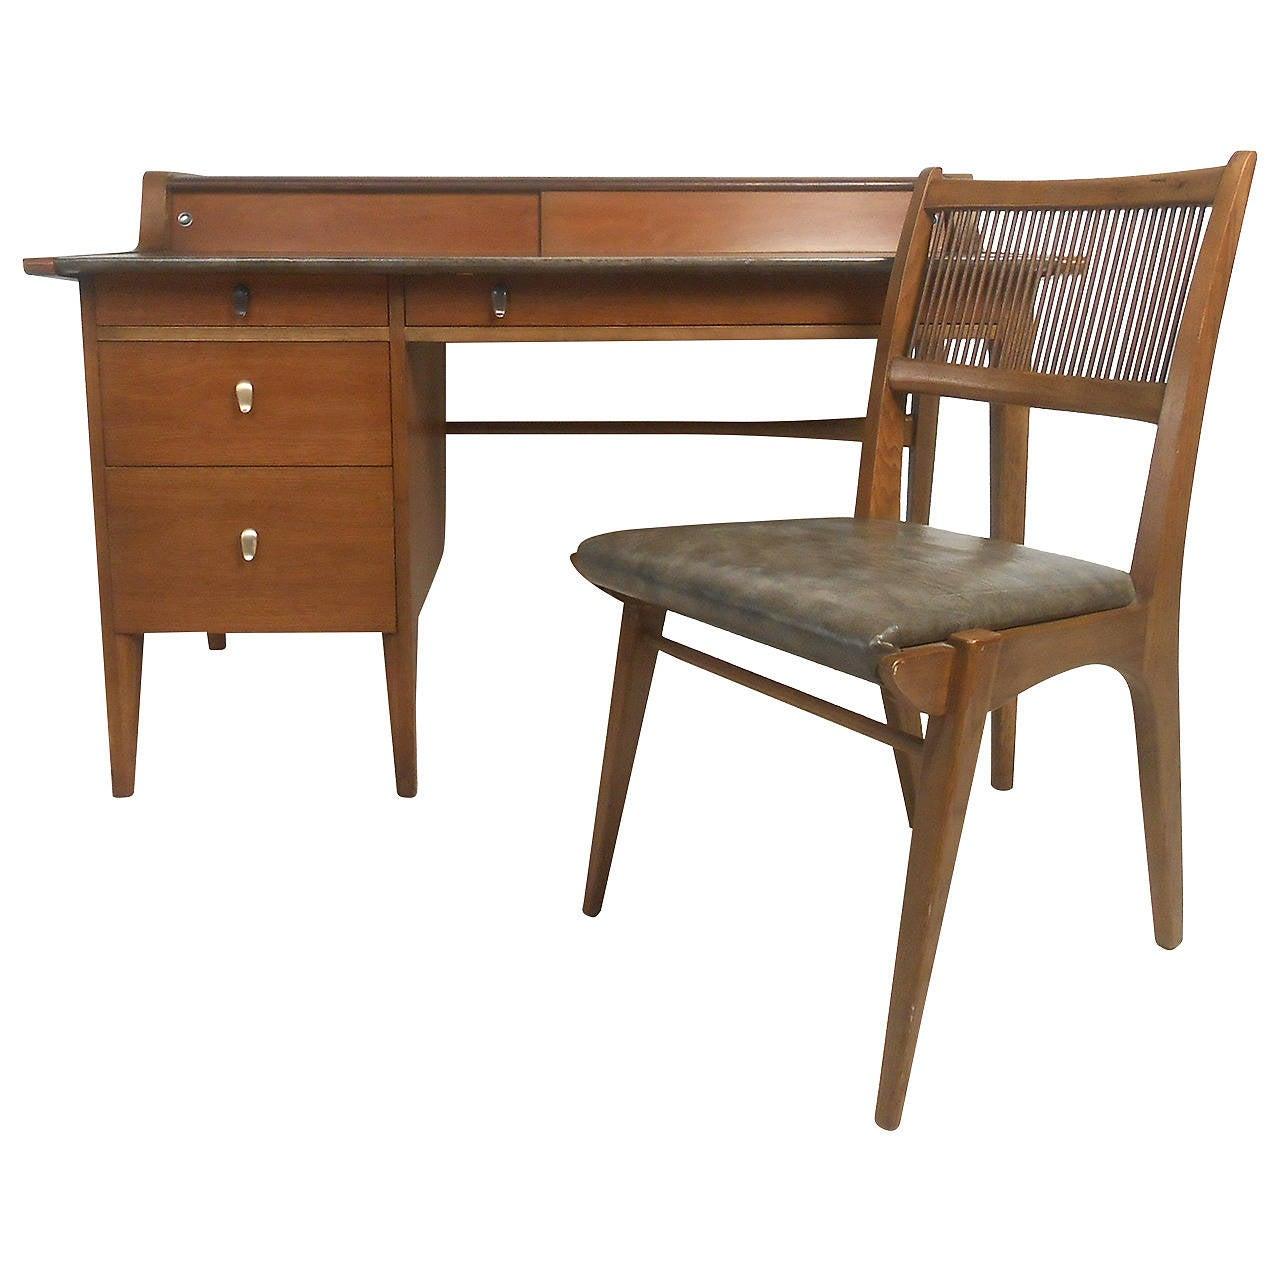 Mid-Century Modern Desk by John Van Koert for Drexel